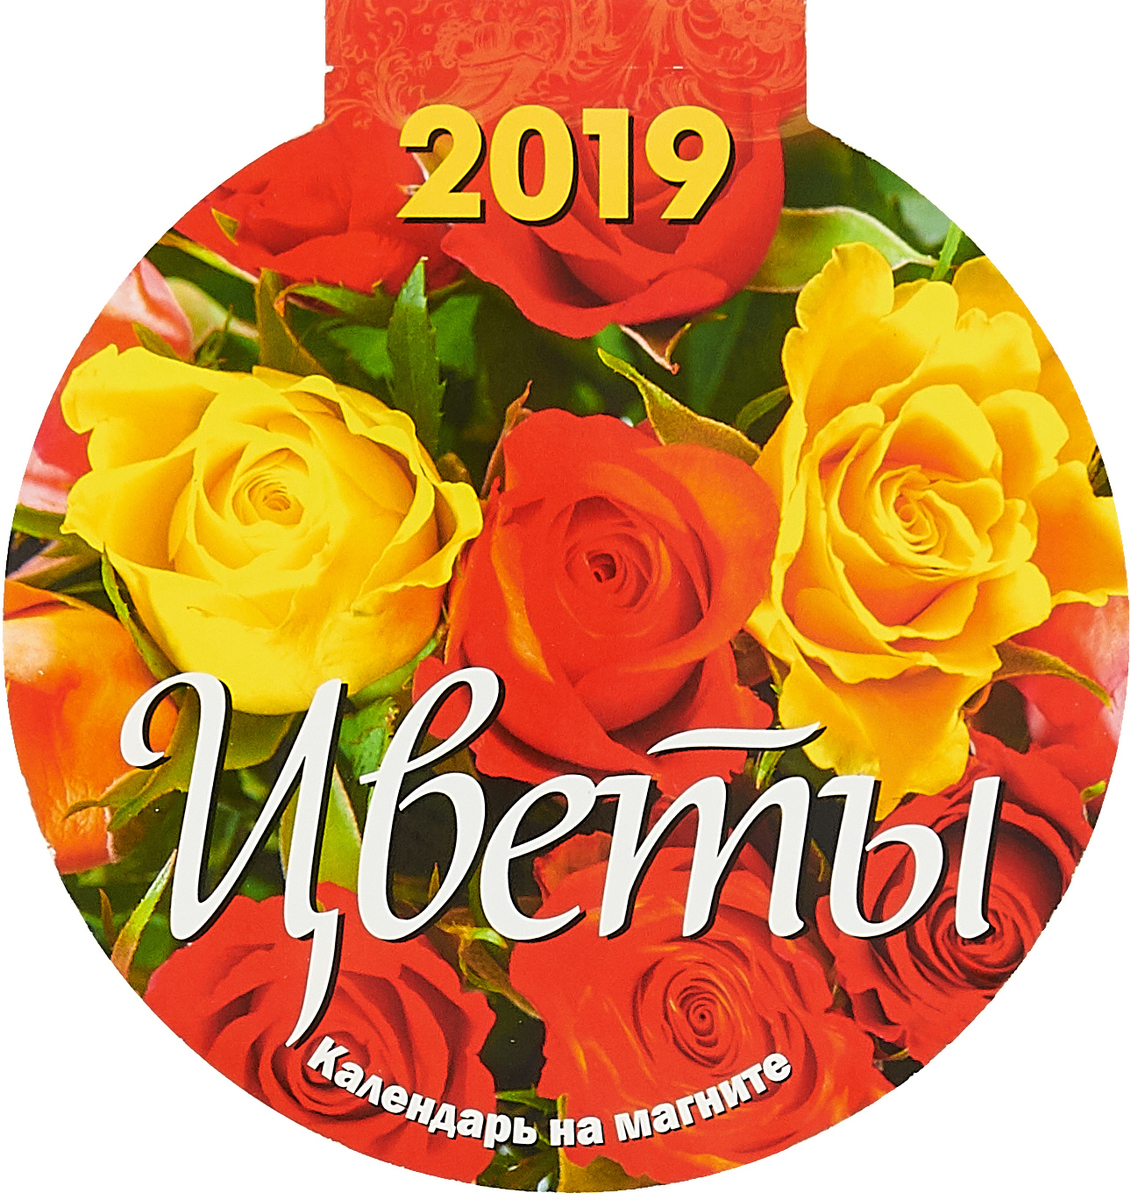 все цены на Календарь 2019 отрывной с вырубкой (на магните). Цветы